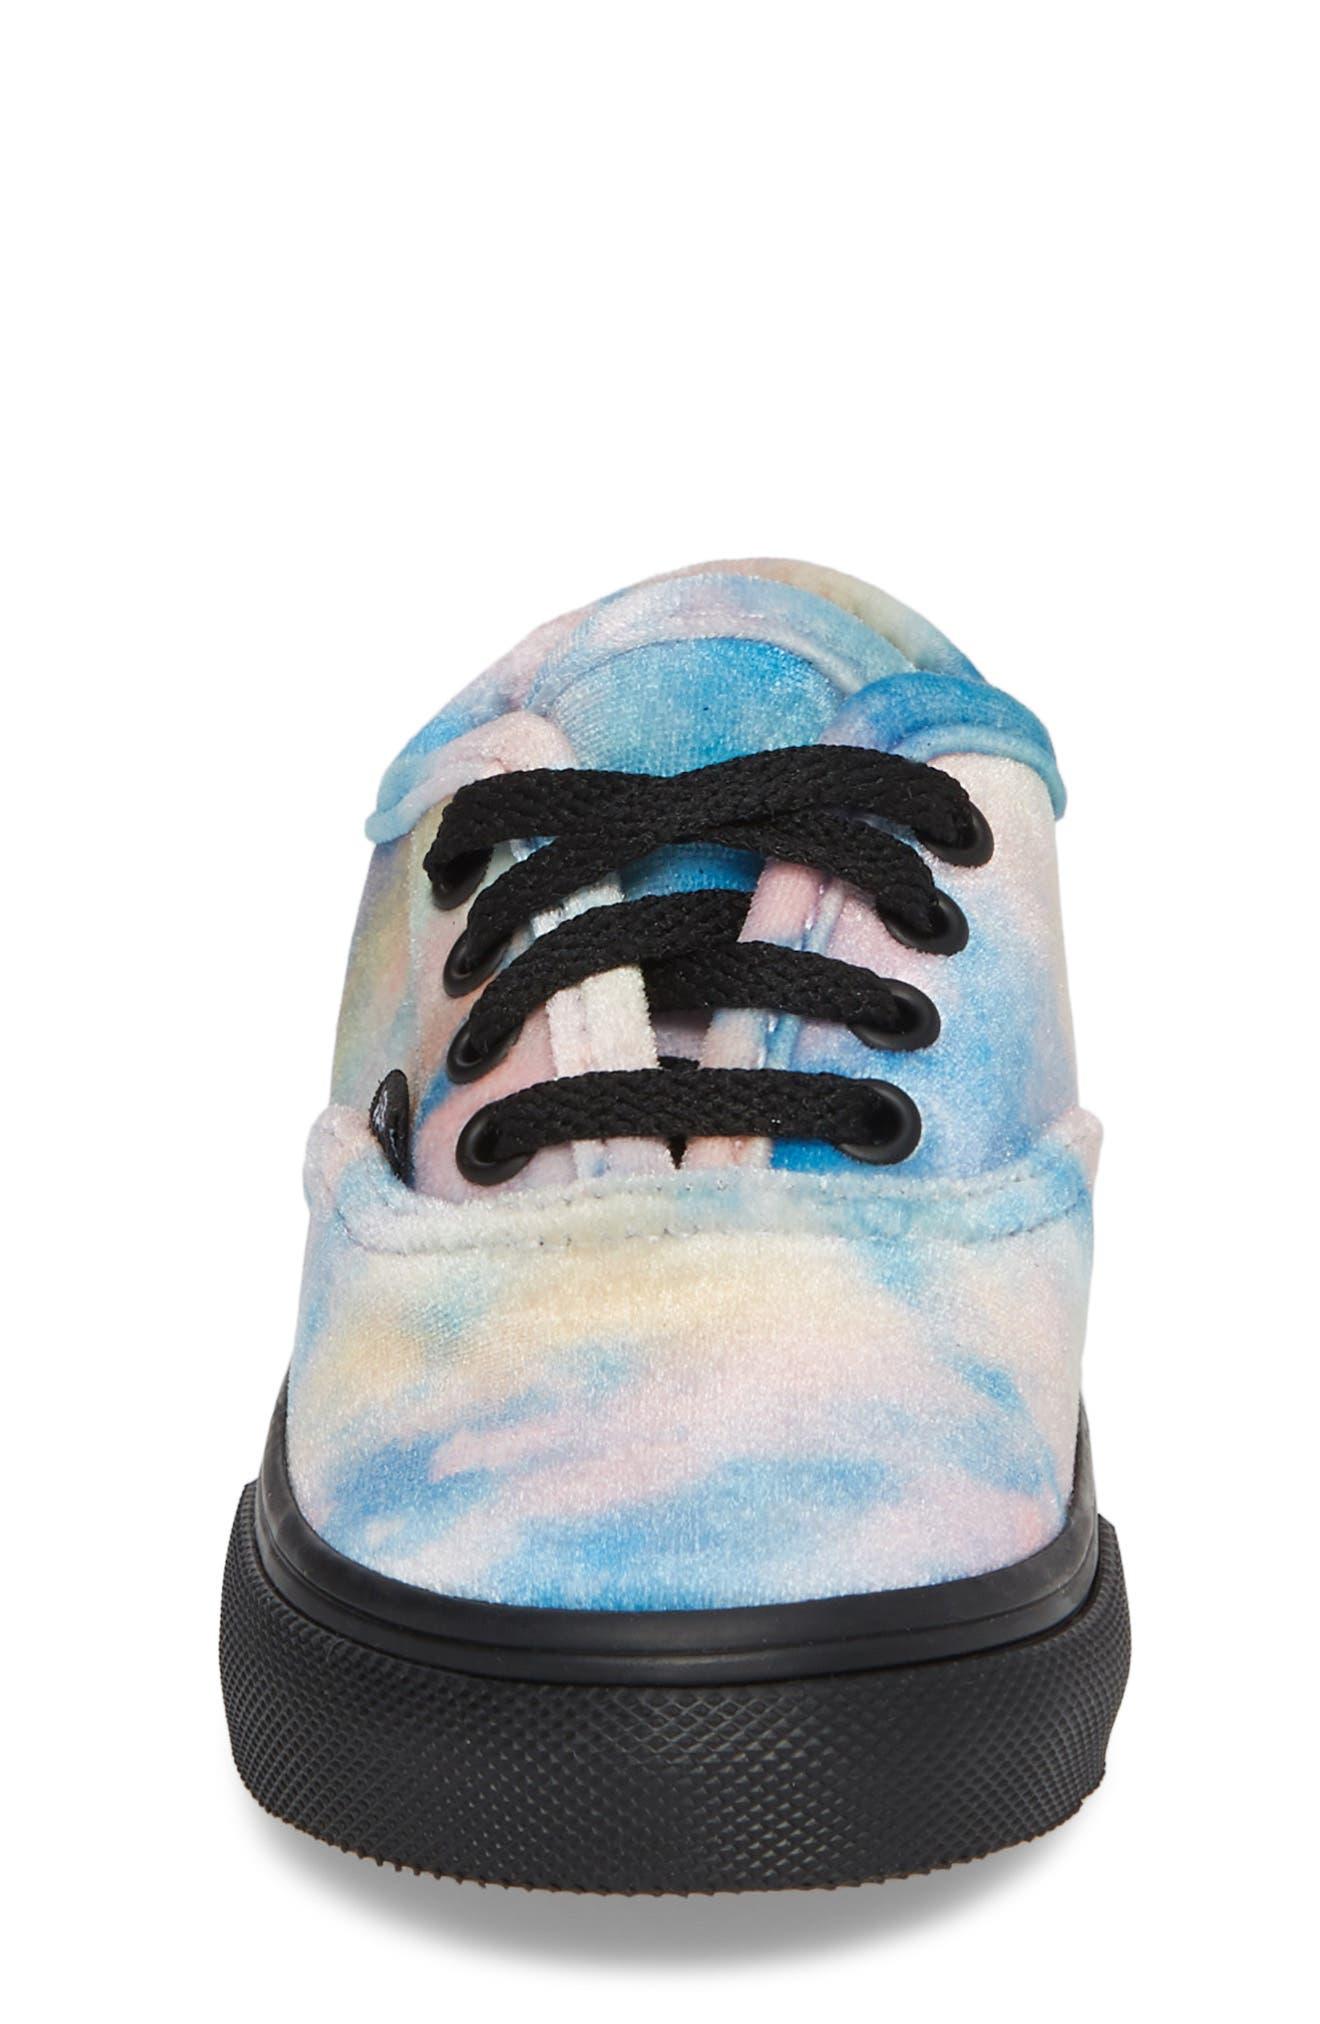 Authentic Velvet Tie Dye Sneaker,                             Alternate thumbnail 4, color,                             Black/ Multi Velvet Tie Dye